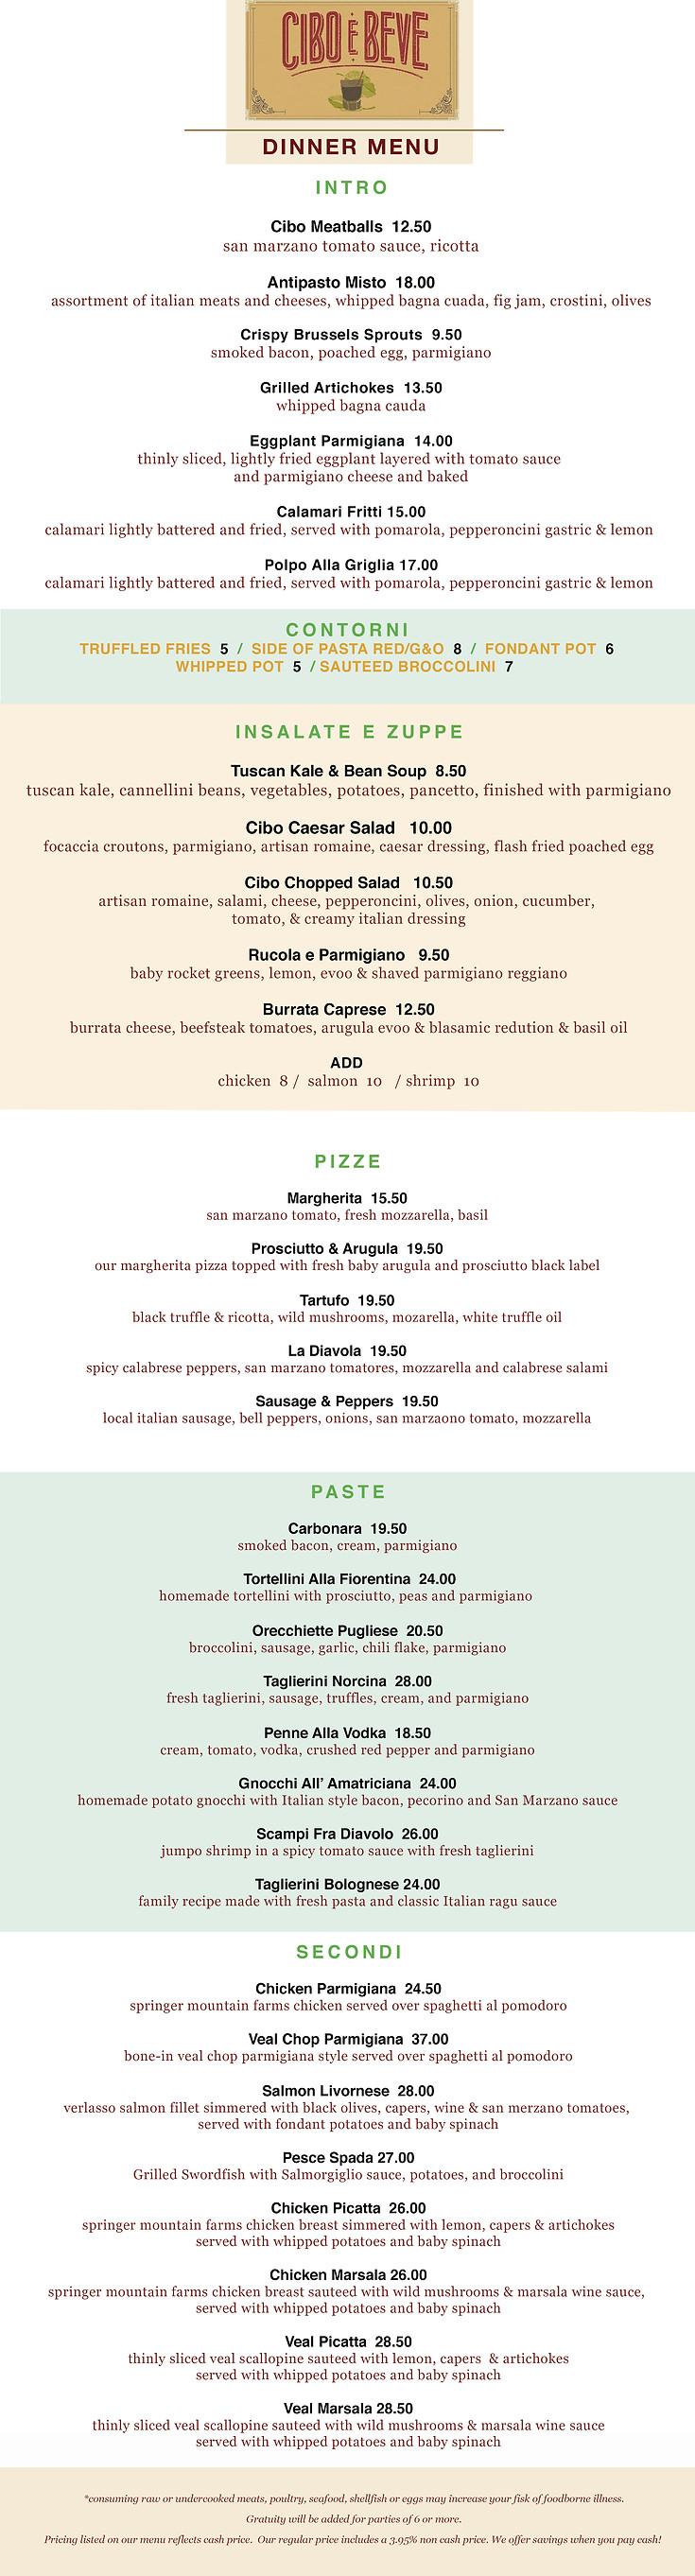 dinner_11x30_menu_final_9.1.21_summer-fall.jpg